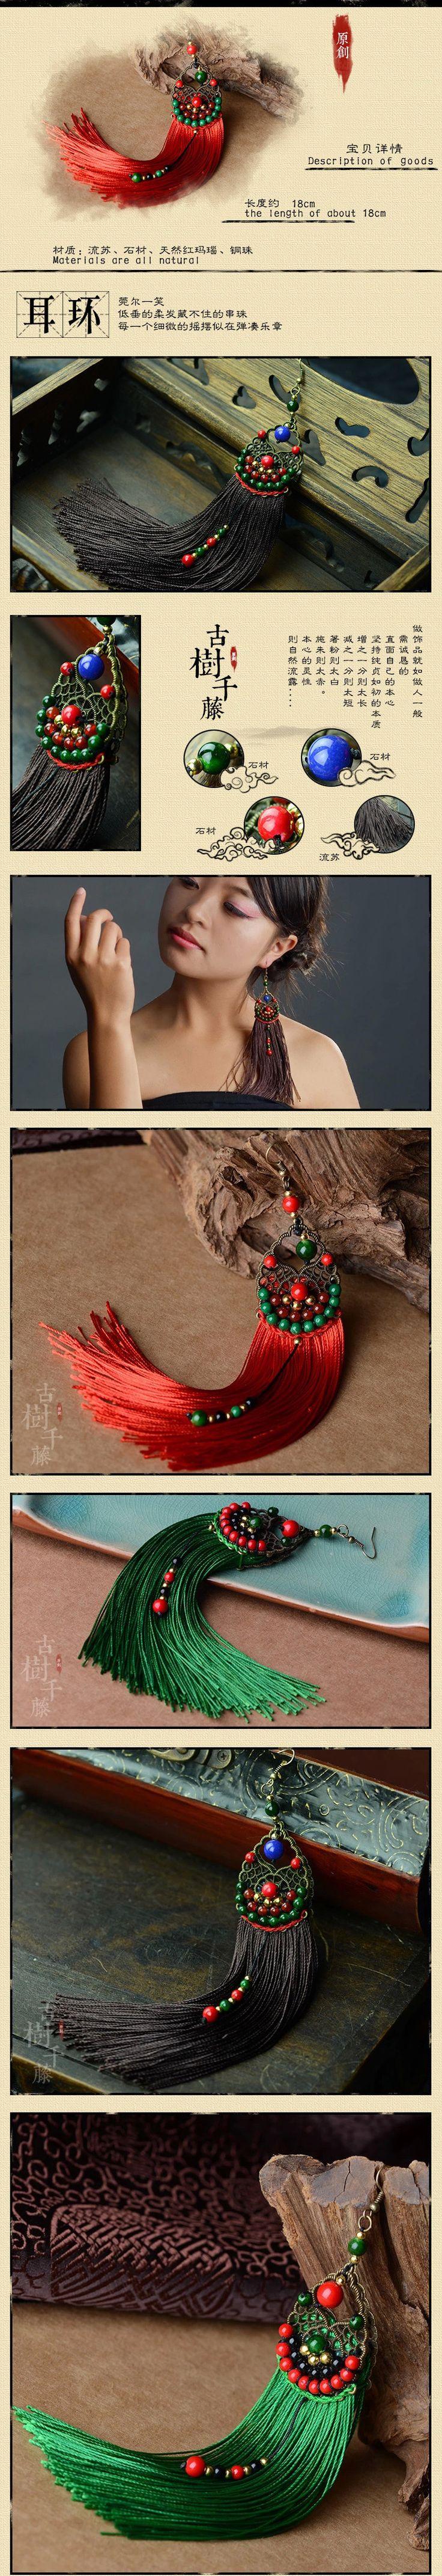 Aliexpress.com: Peacock Ethnic Jewelryより信頼できる イヤリング サプライヤからステージ パフォーマンス新しい オリジナル エスニック ジュエリー ロング ヴィンテージタッセルシングル イヤリング 、国家風自然瑪瑙中国イヤリングを購入します